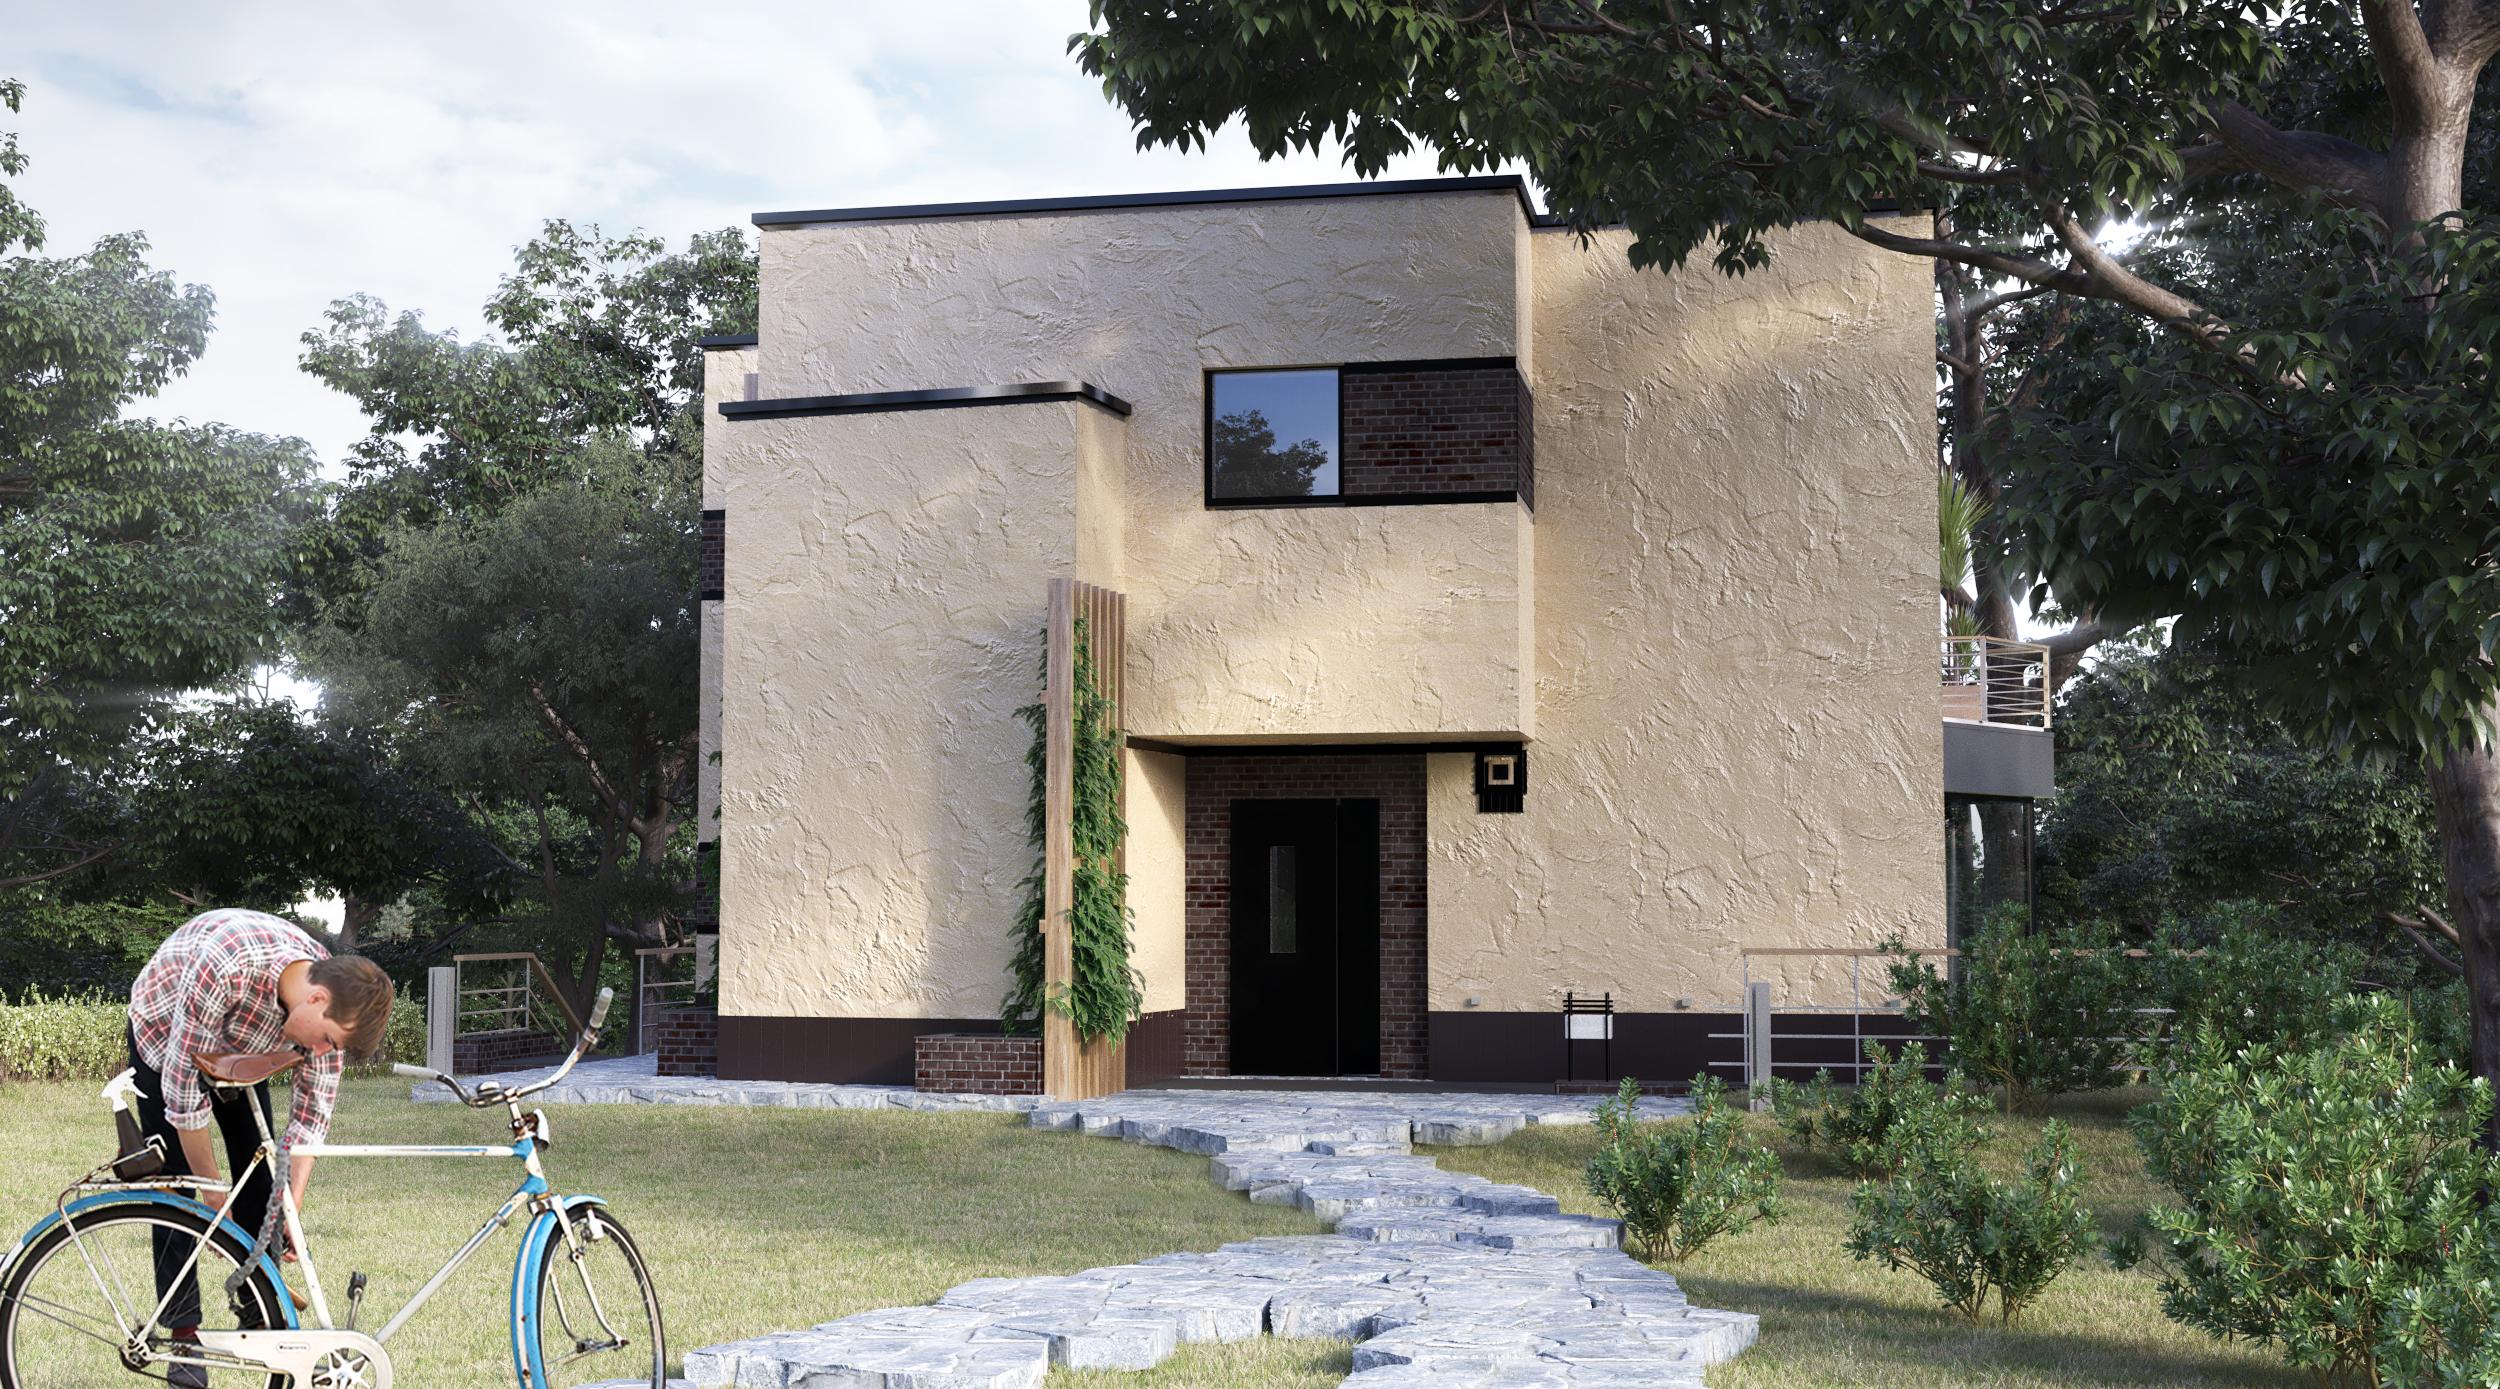 Вид со стороны улицы; Северн - проект дома с плоской кровлей и террасами на склоне